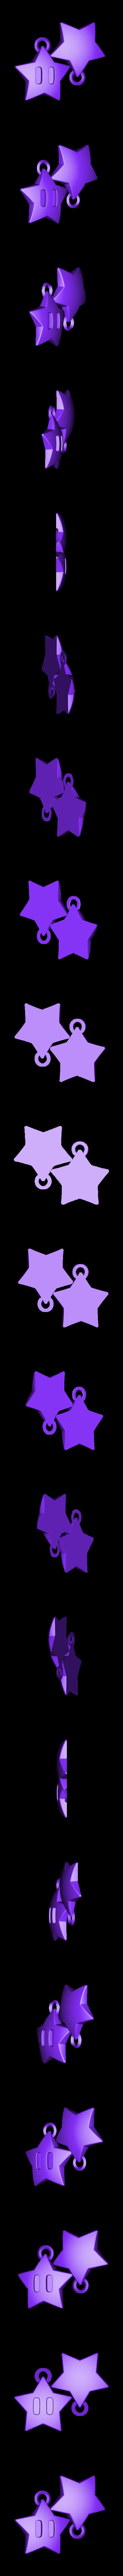 MarioStar-Split-Hanging.stl Télécharger fichier STL gratuit Décorations Mario Star • Design pour impression 3D, tone001